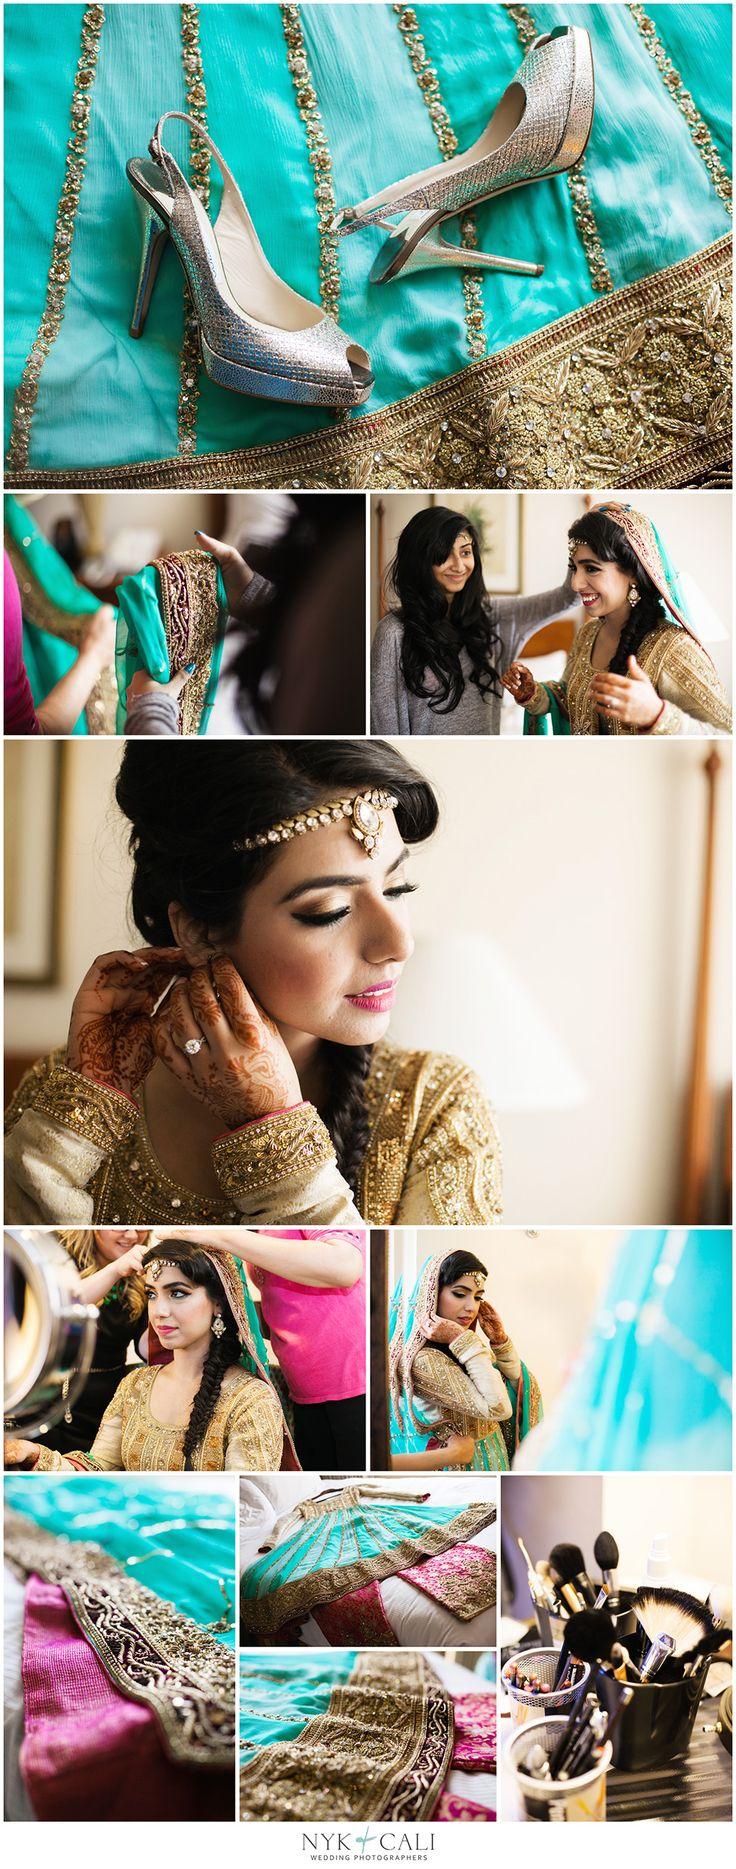 Nyk + Cali, Wedding Photographers   Nashville, TN   South Asian Wedding Photography   Pakistani   Mehndi   Celebration   Downtown Hilton Hotel   Hindu Ceremony